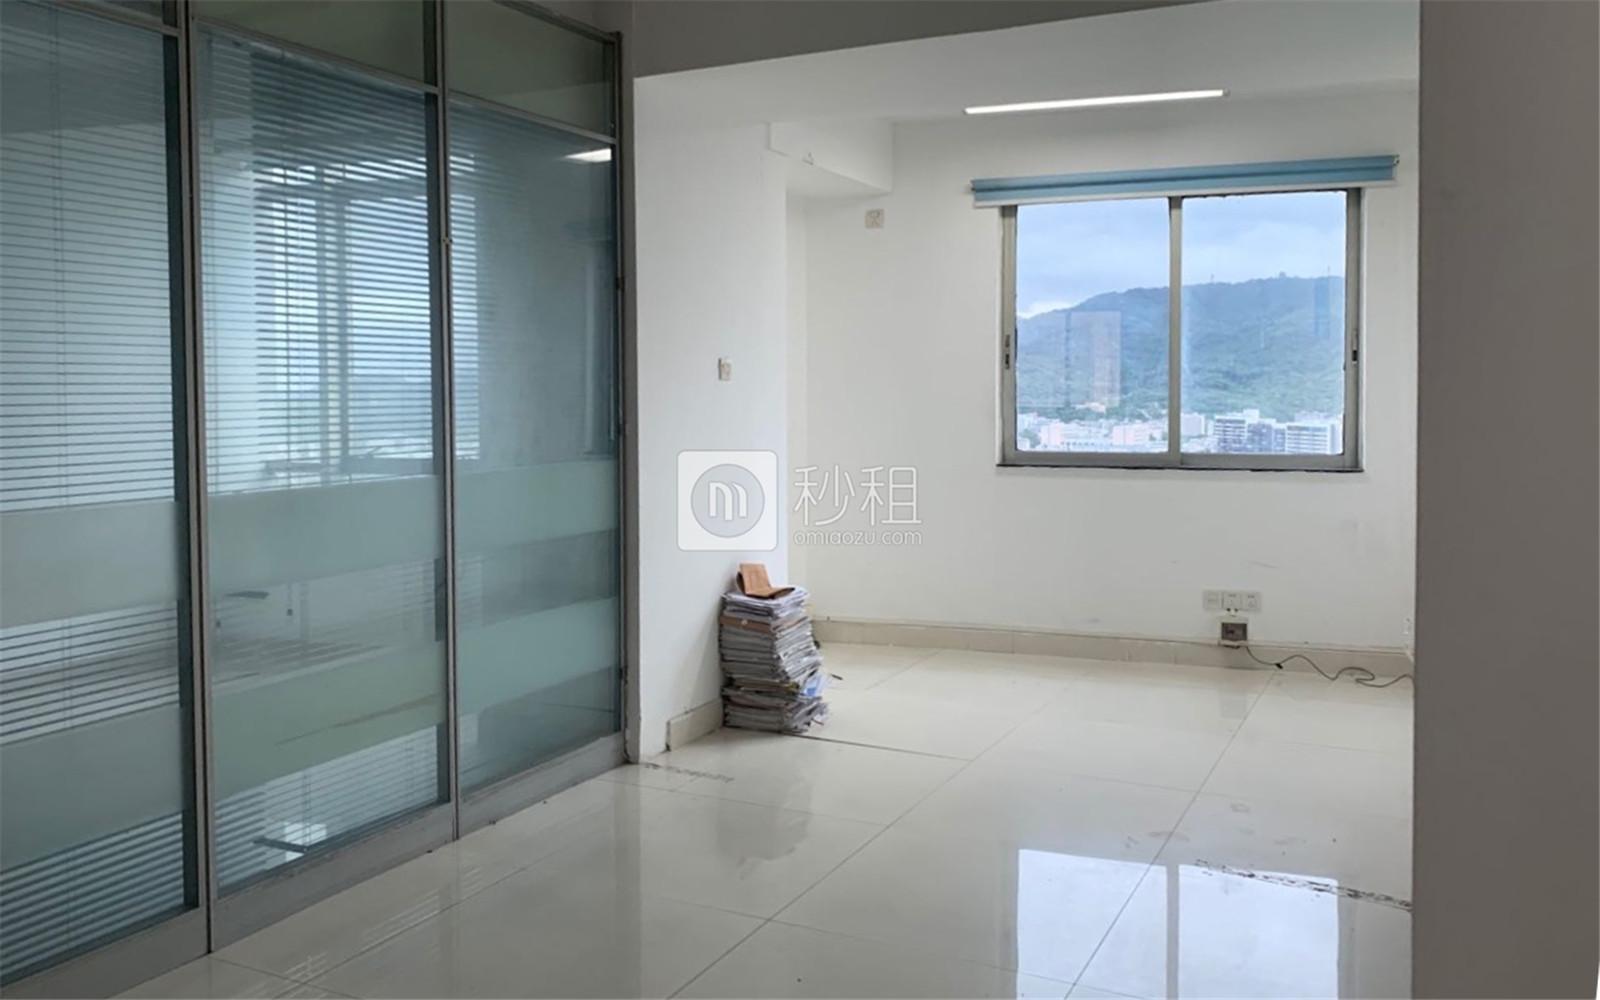 燕侨大厦写字楼出租89平米简装办公室6300元/月